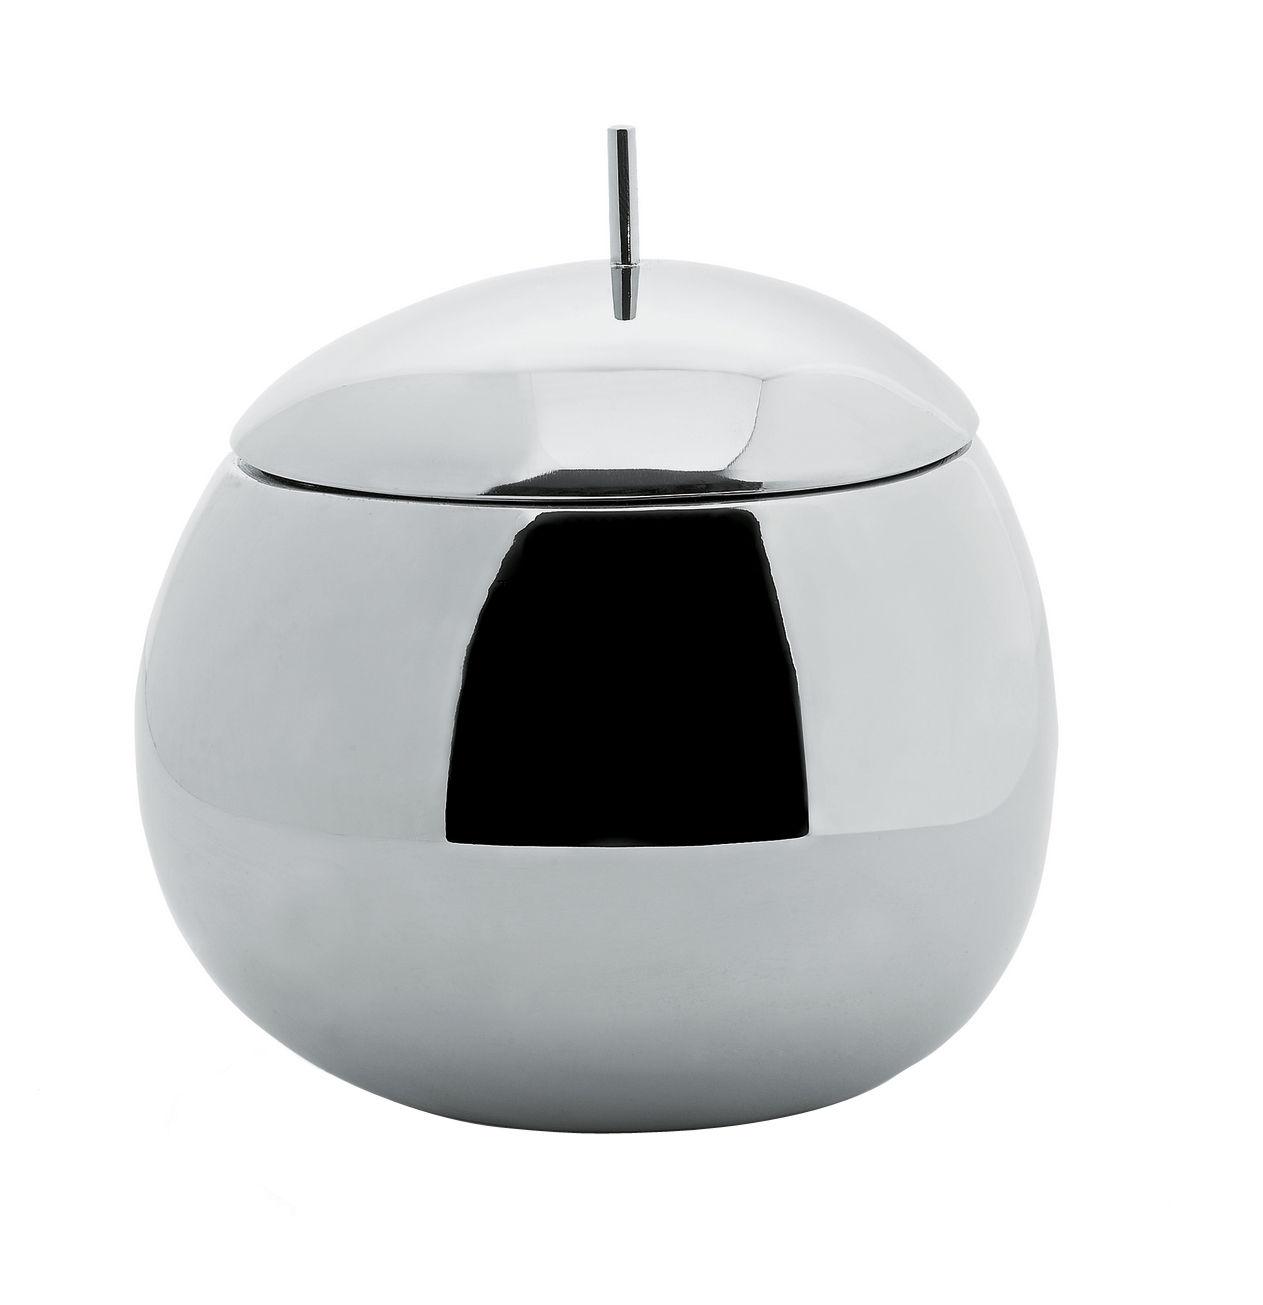 Tischkultur - Boxen und Töpfe - Fruit basket Schachtel - Alessi - 75 cl. - rostfreier Stahl